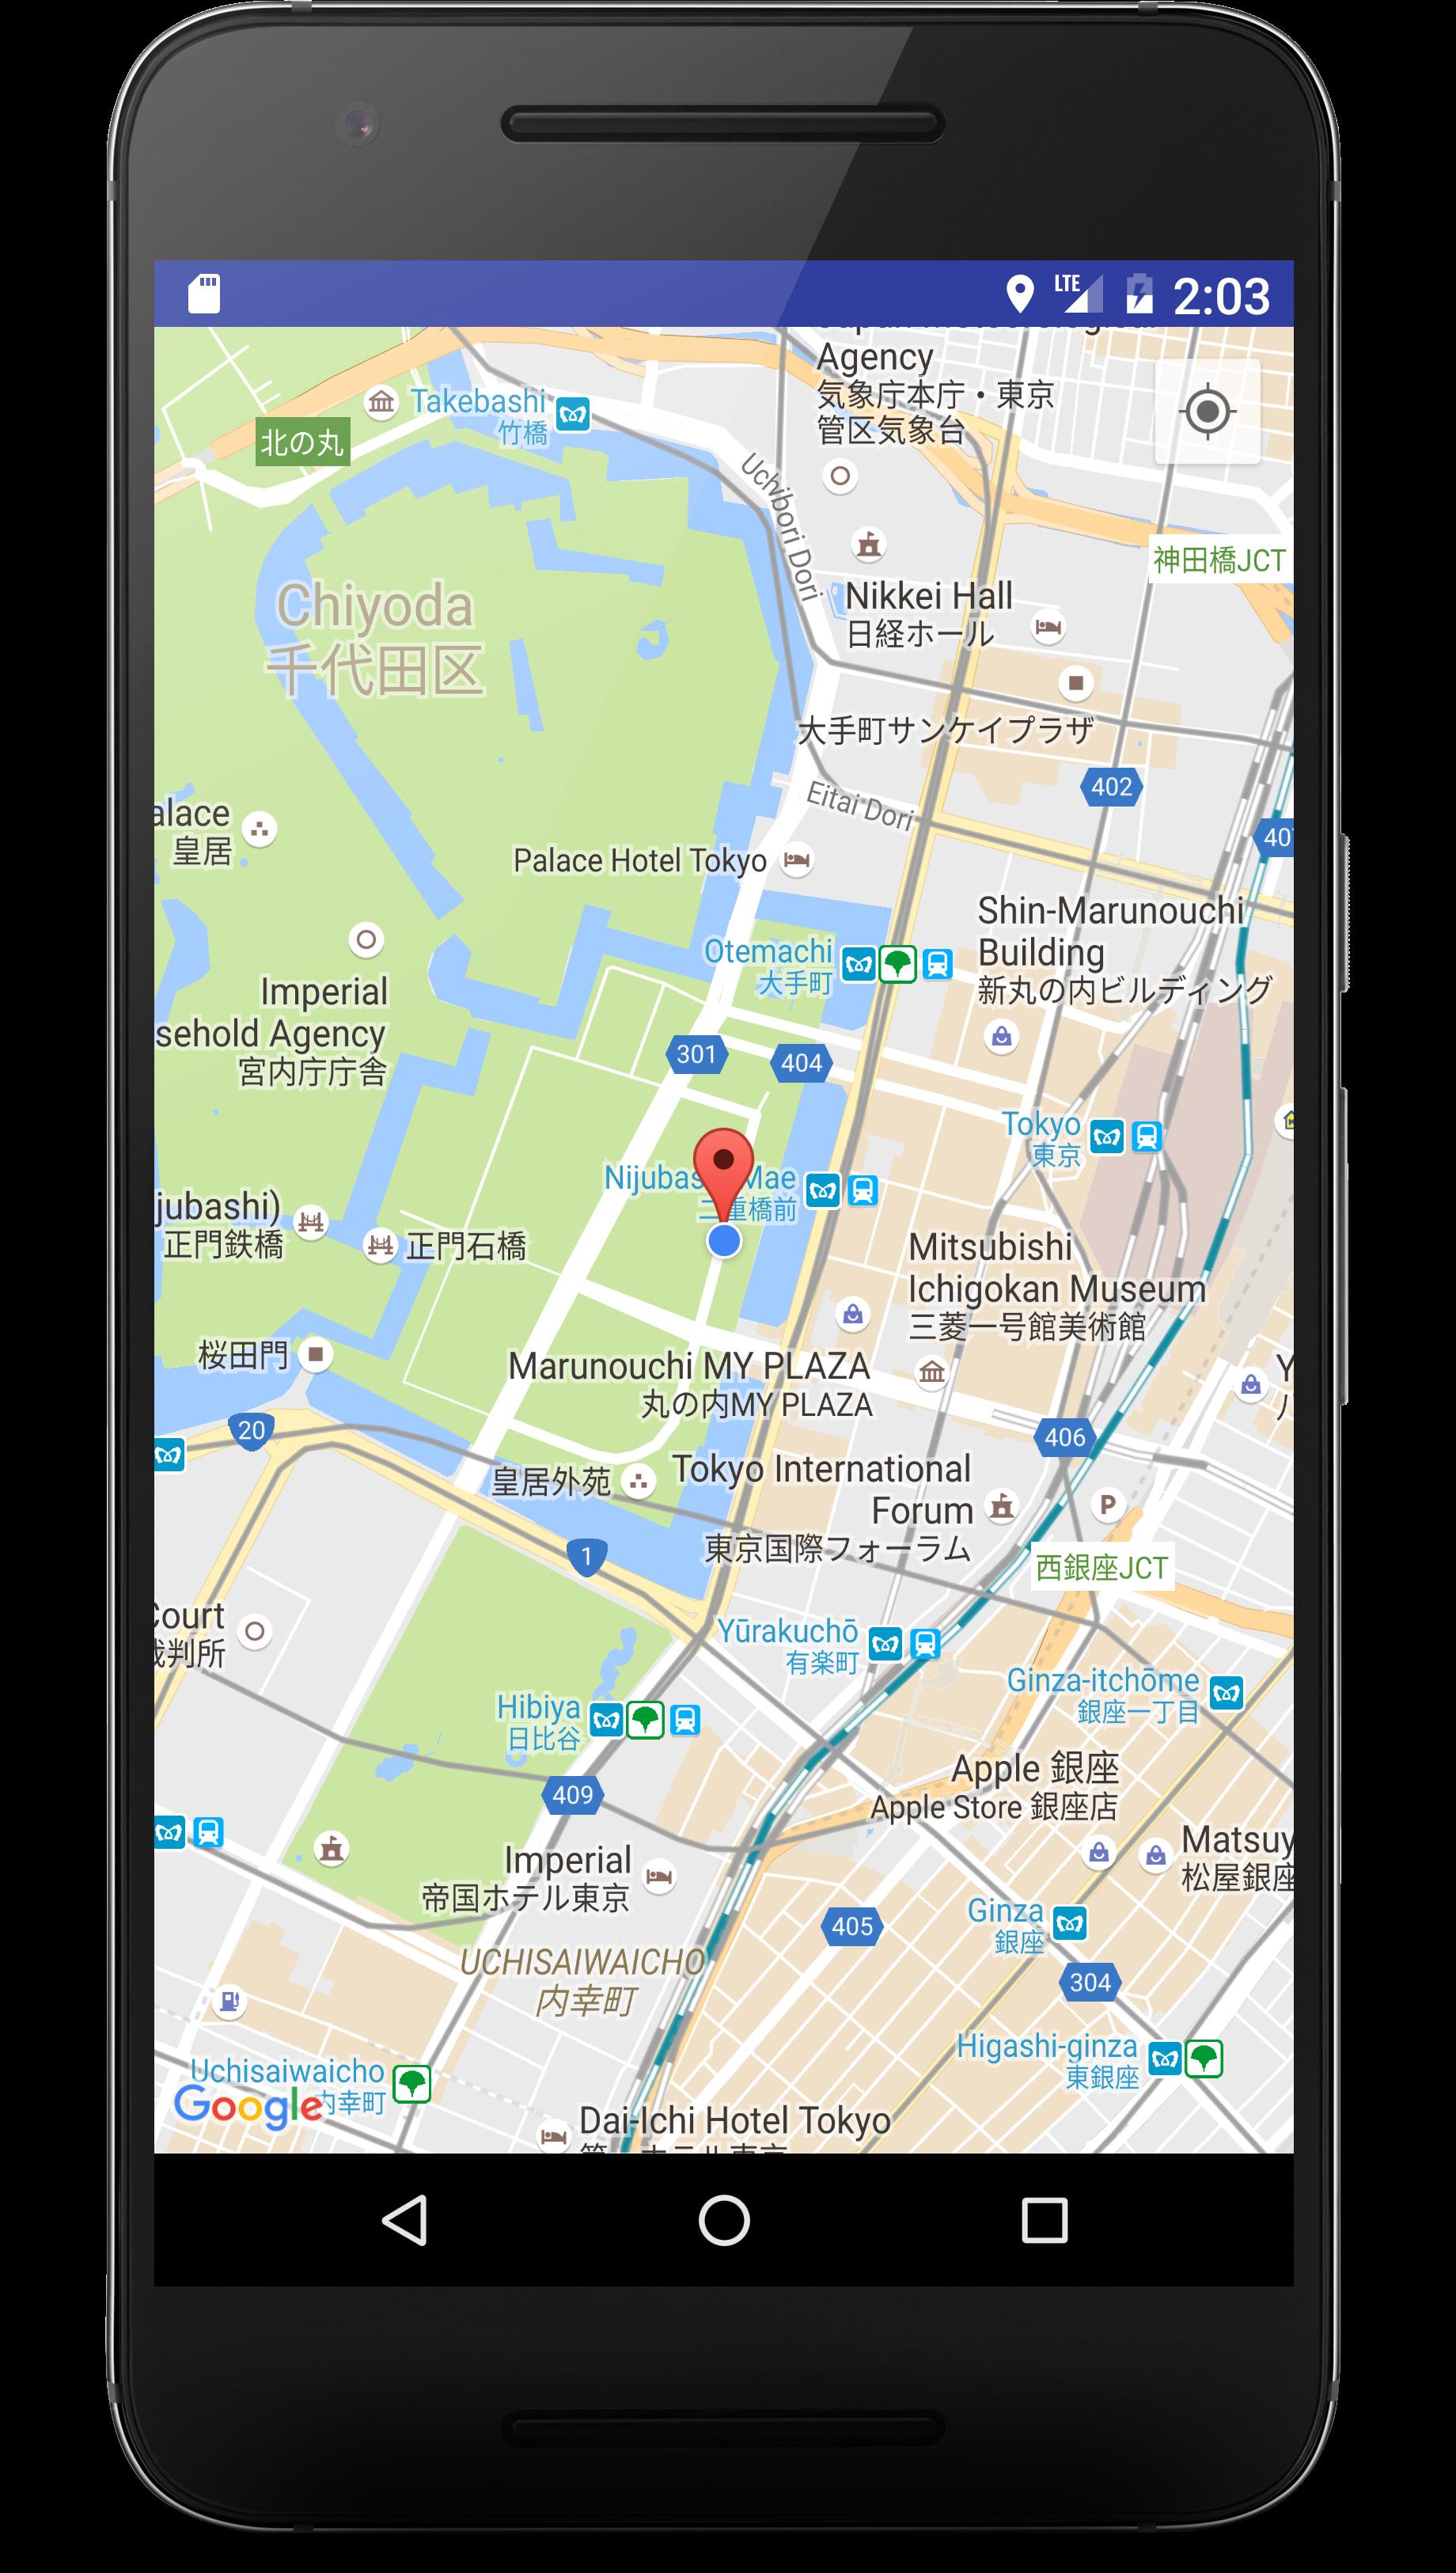 google maps activityを使えばgoogle mapのコードはできているのでapiの設定だけで地図を表示できます。これを使って現在地を表示させたい場合にはfusedlocationapiで . android google mapとgpsで現在位置を表示する  nyanのアプリ開発